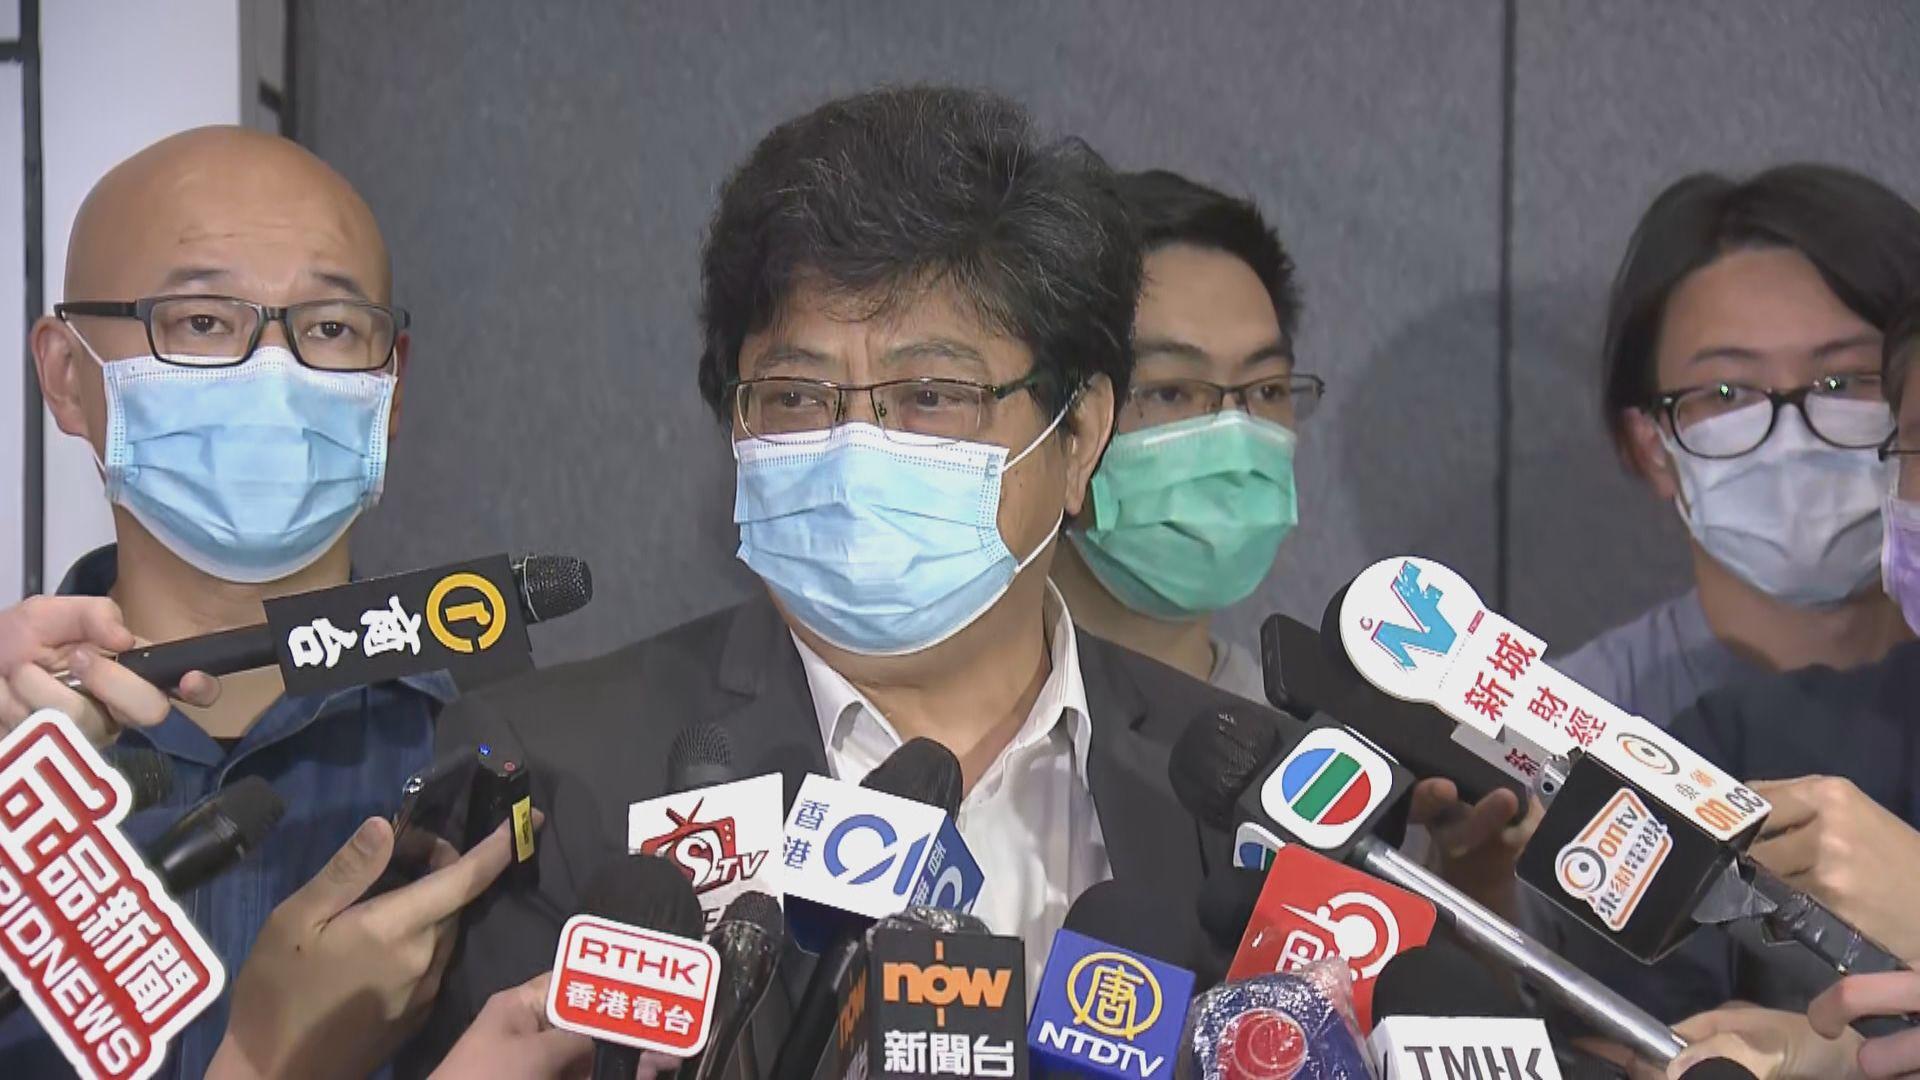 警方晤四個傳媒組織 記協指會上未提及設立記者證制度